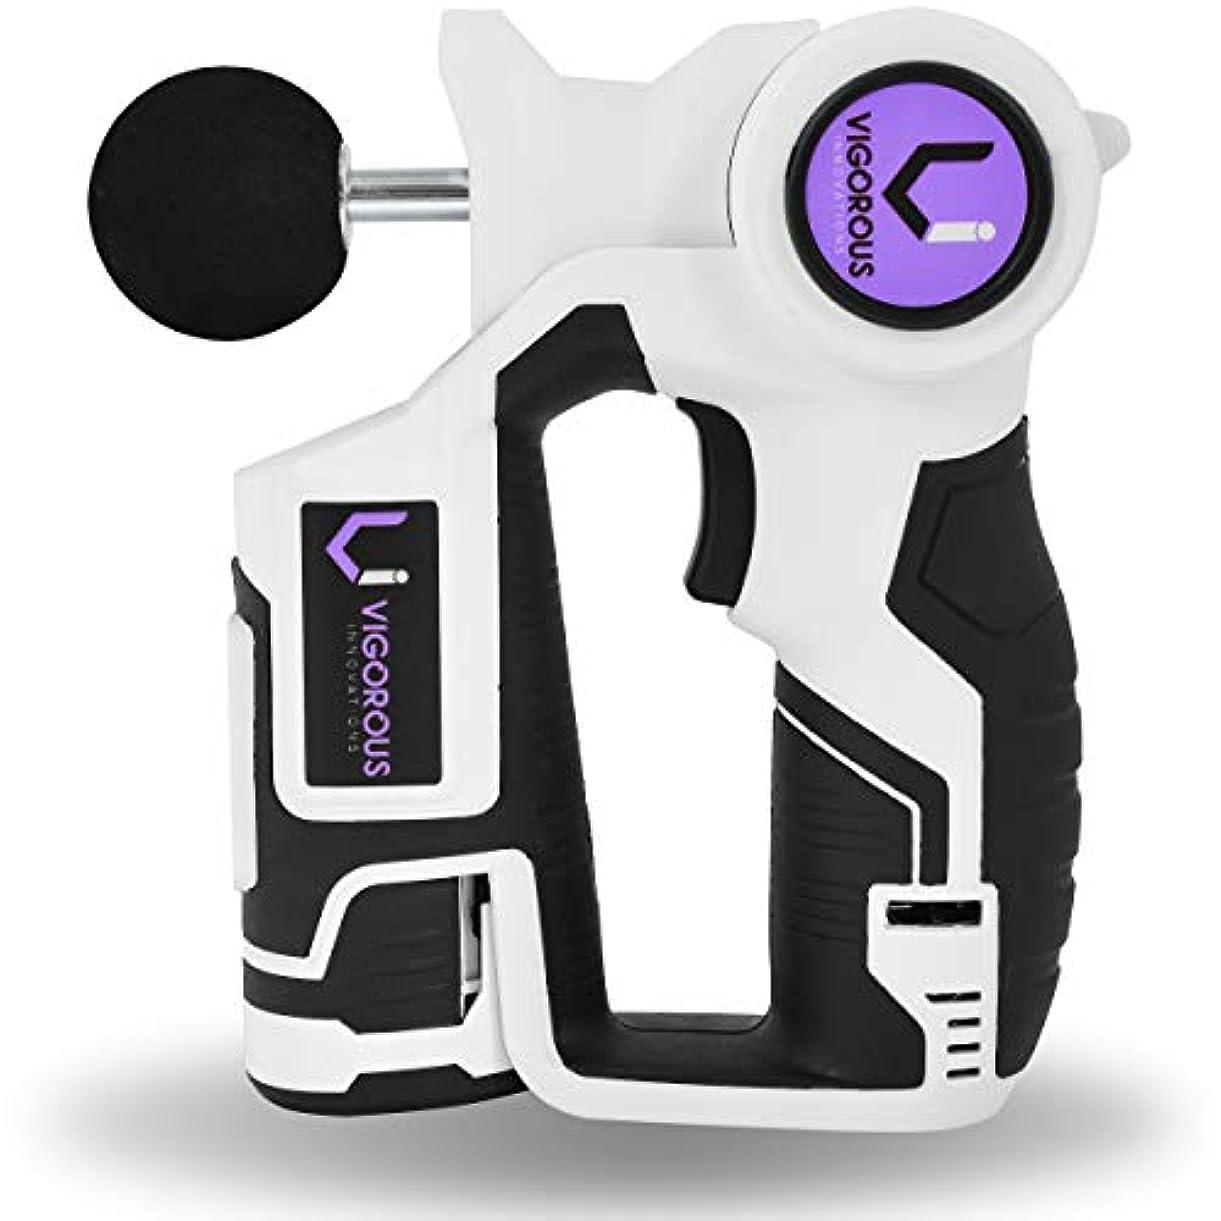 気性裁定追うジグソー マッサージガン アスリート用 Jigsaw Massage Gun for Athletes - 2 Long Lasting Batteries w/Percussion Deep Tissue Massager...